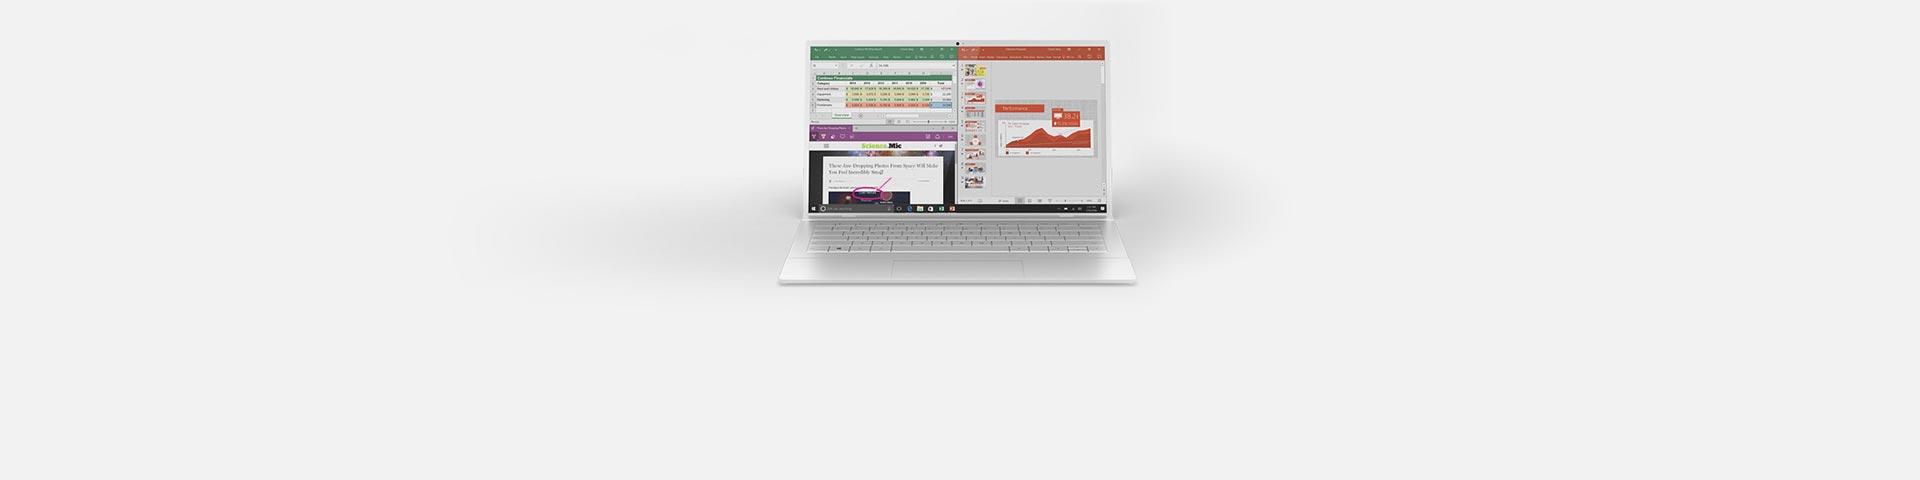 Egy laptop képernyője Office-alkalmazásokkal